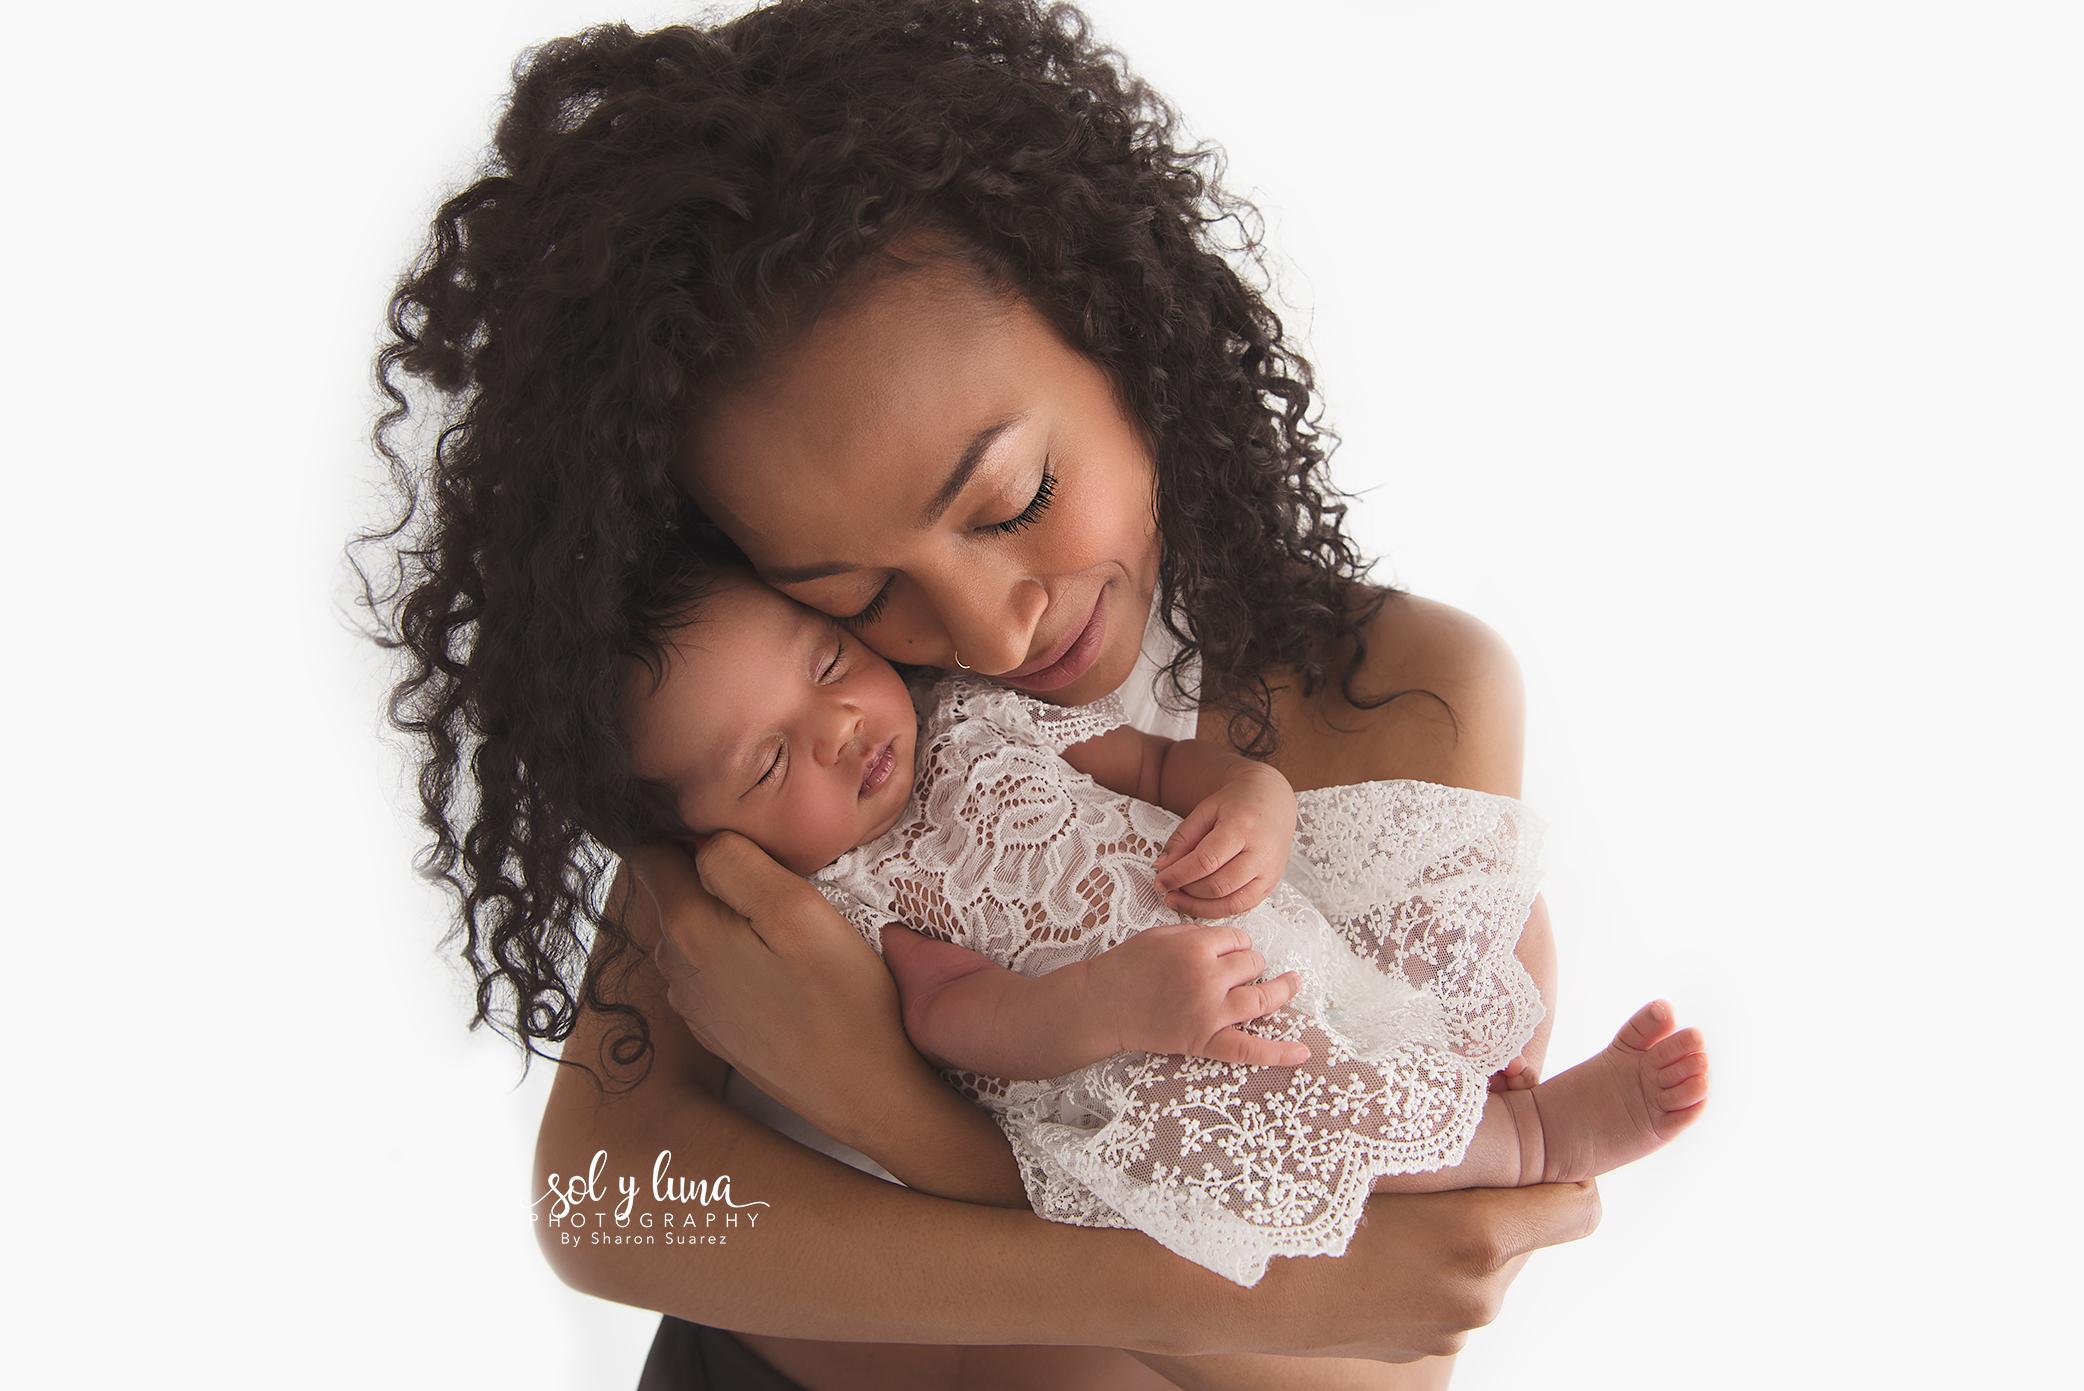 Mutter und Tochter Fotoshooting